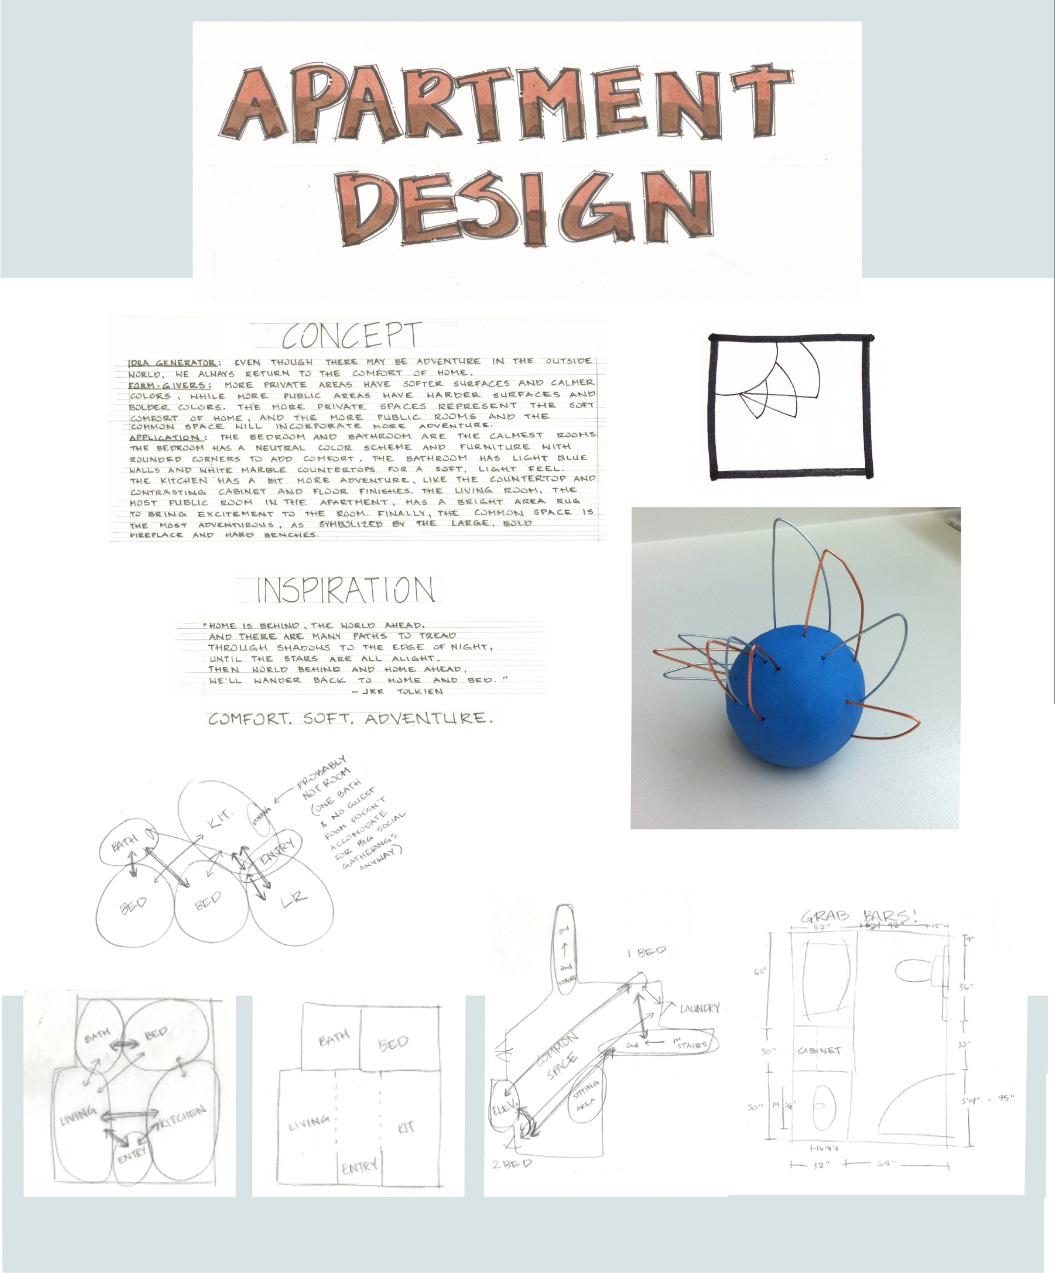 jordan christensen design portfolio december 2012. Black Bedroom Furniture Sets. Home Design Ideas